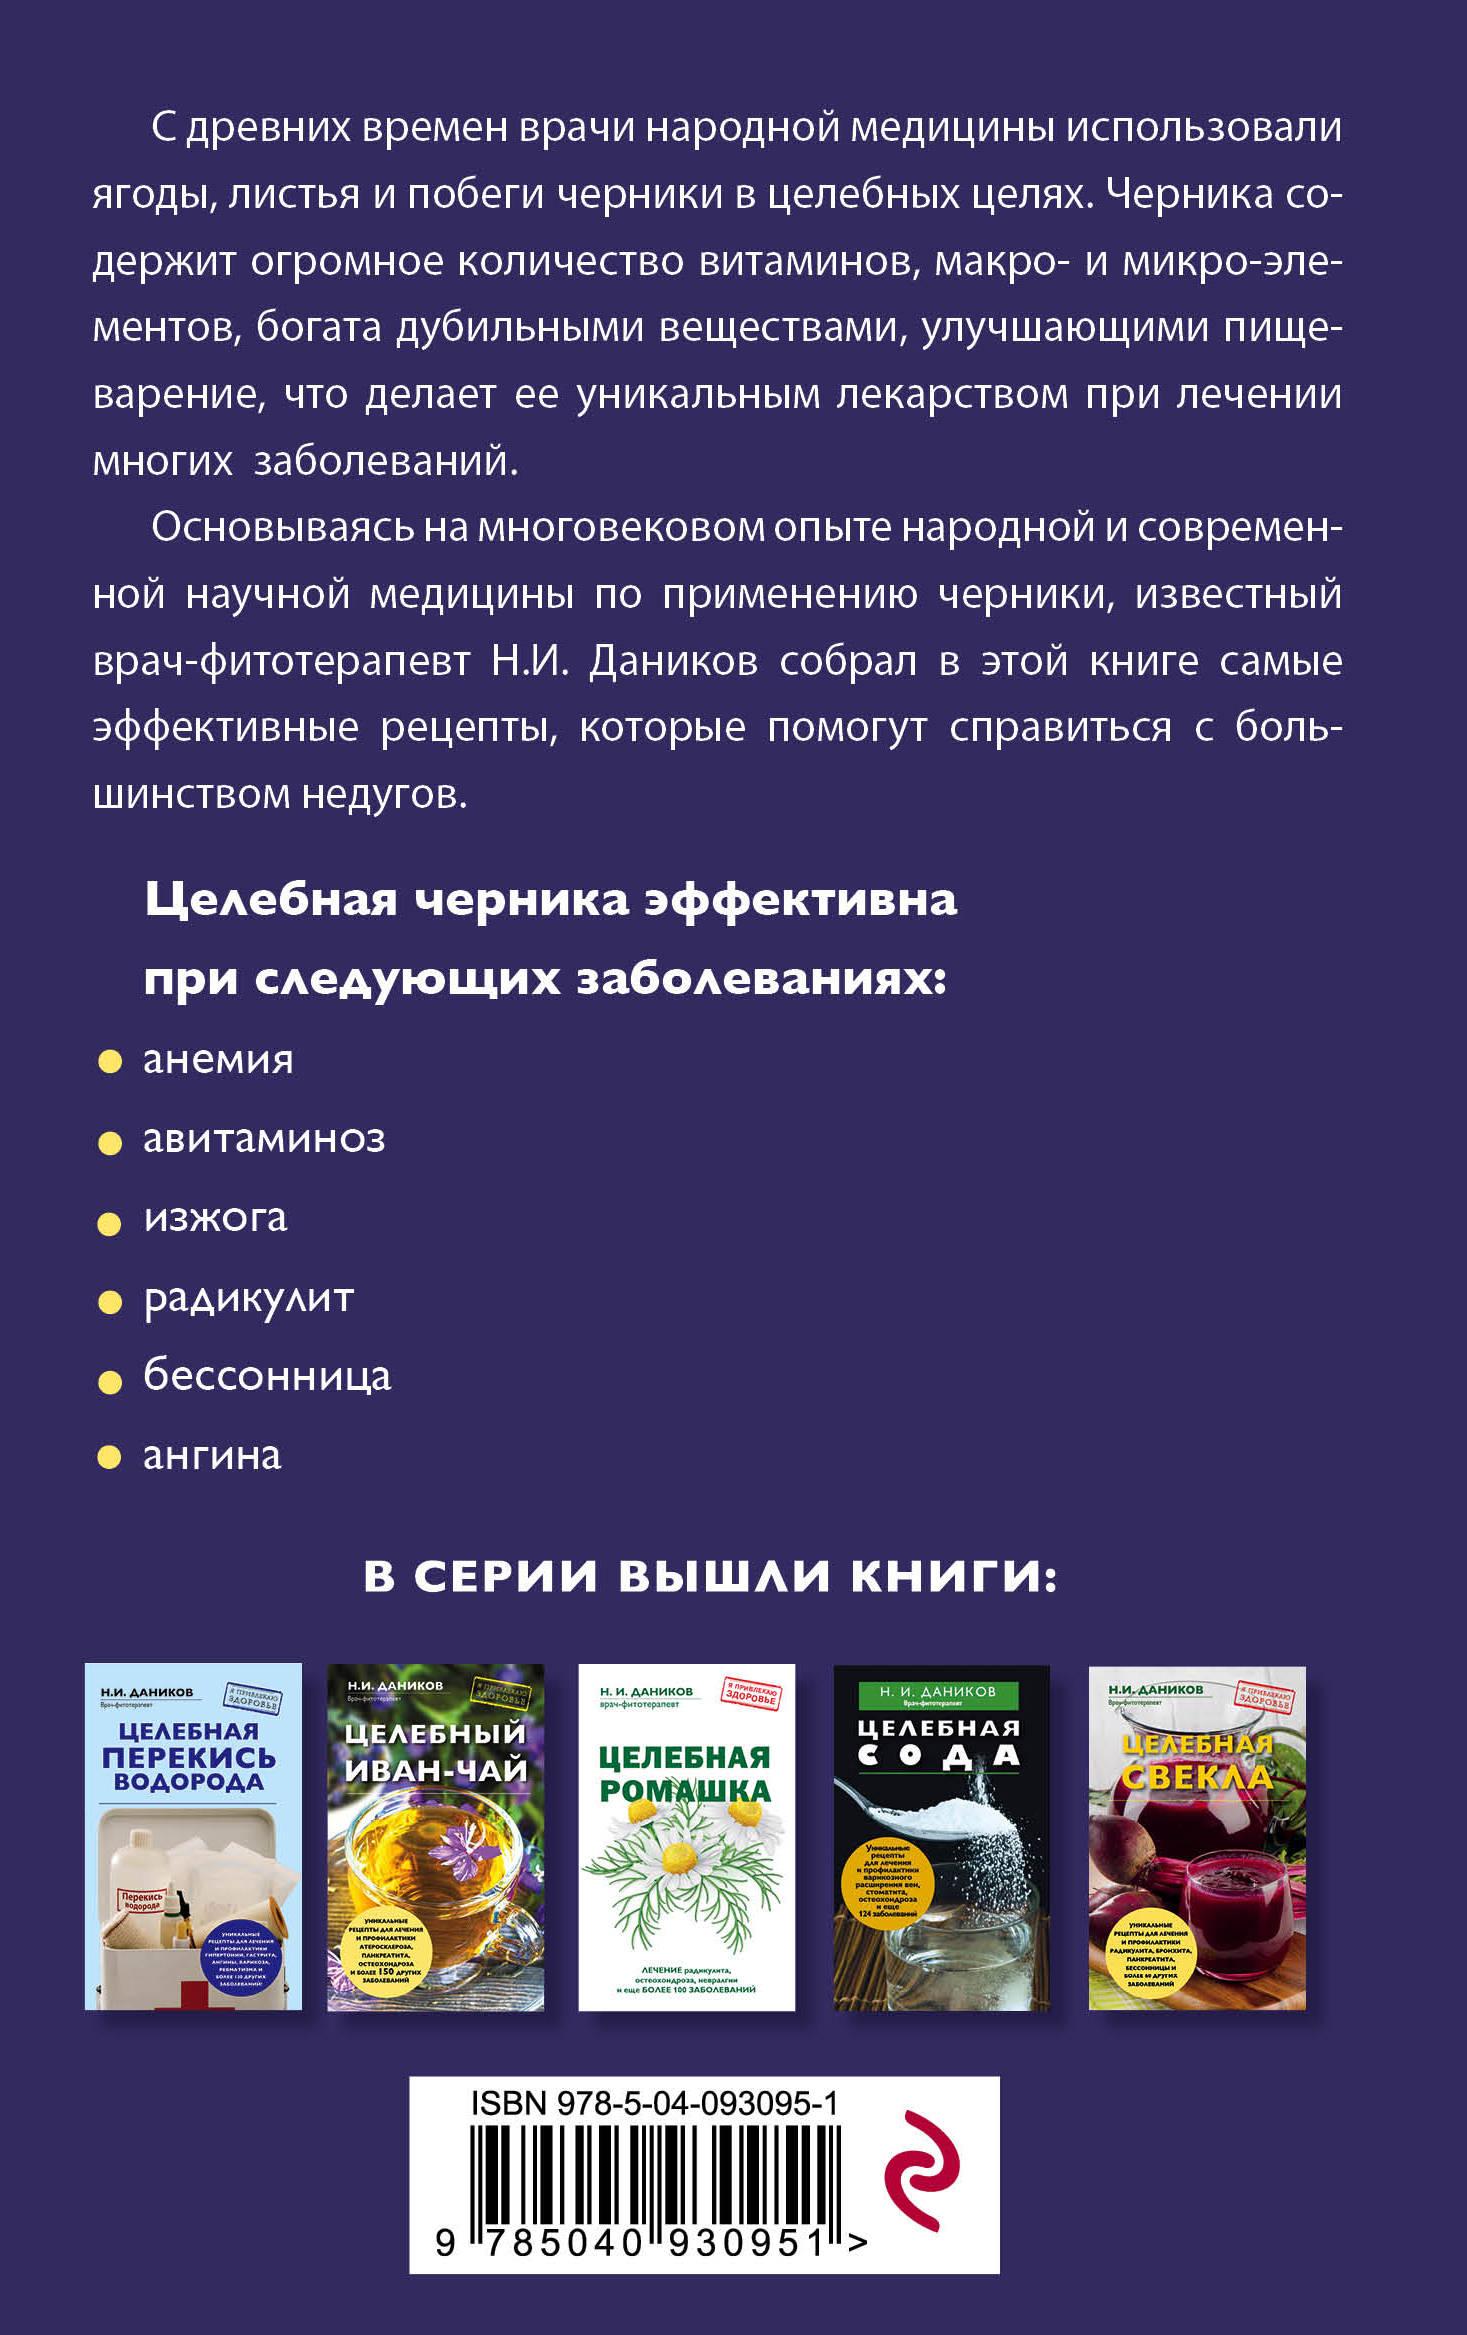 Целебная черника. Даников Николай Илларионович